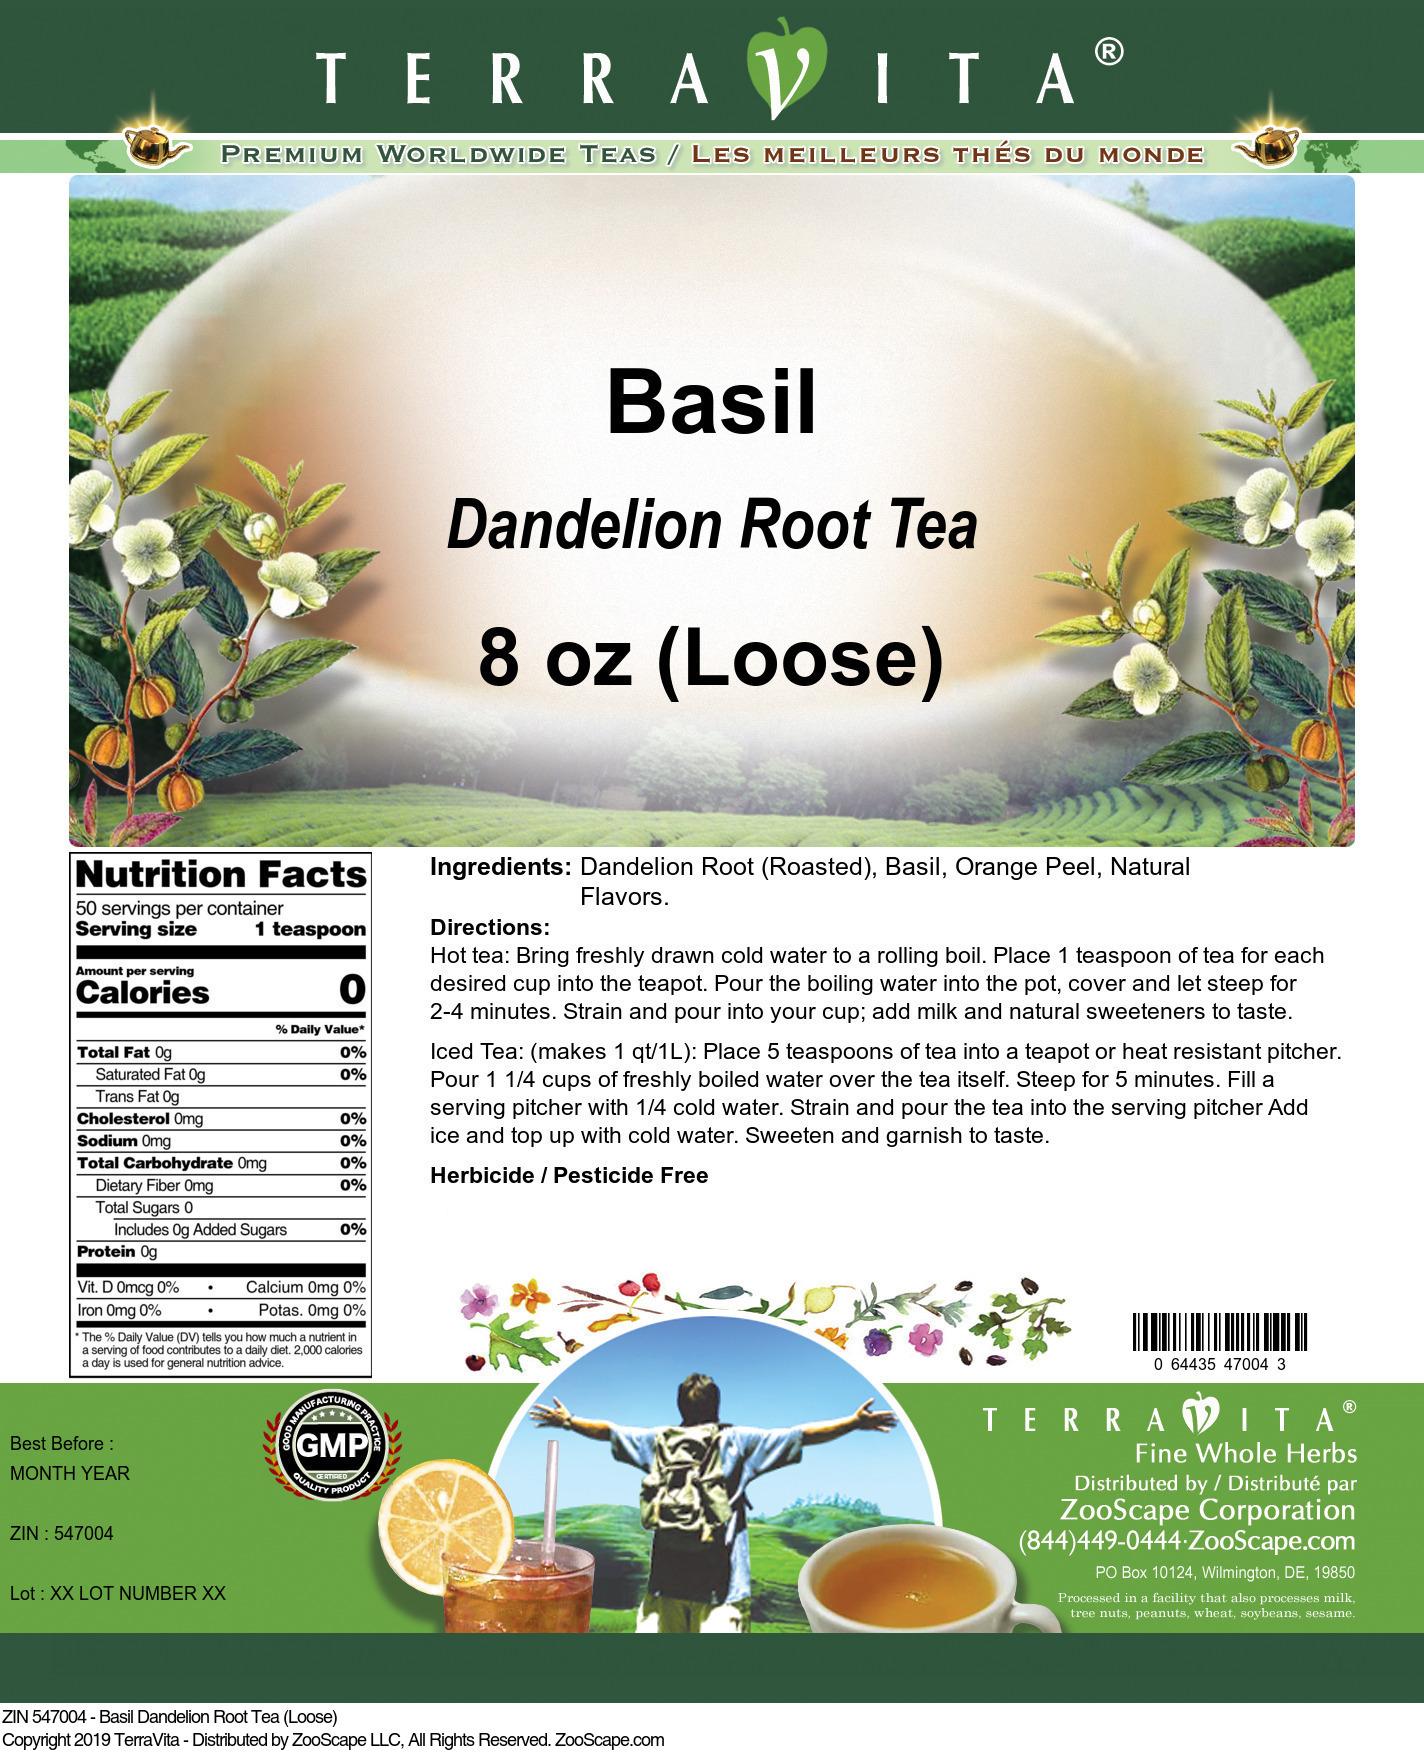 Basil Dandelion Root Tea (Loose)